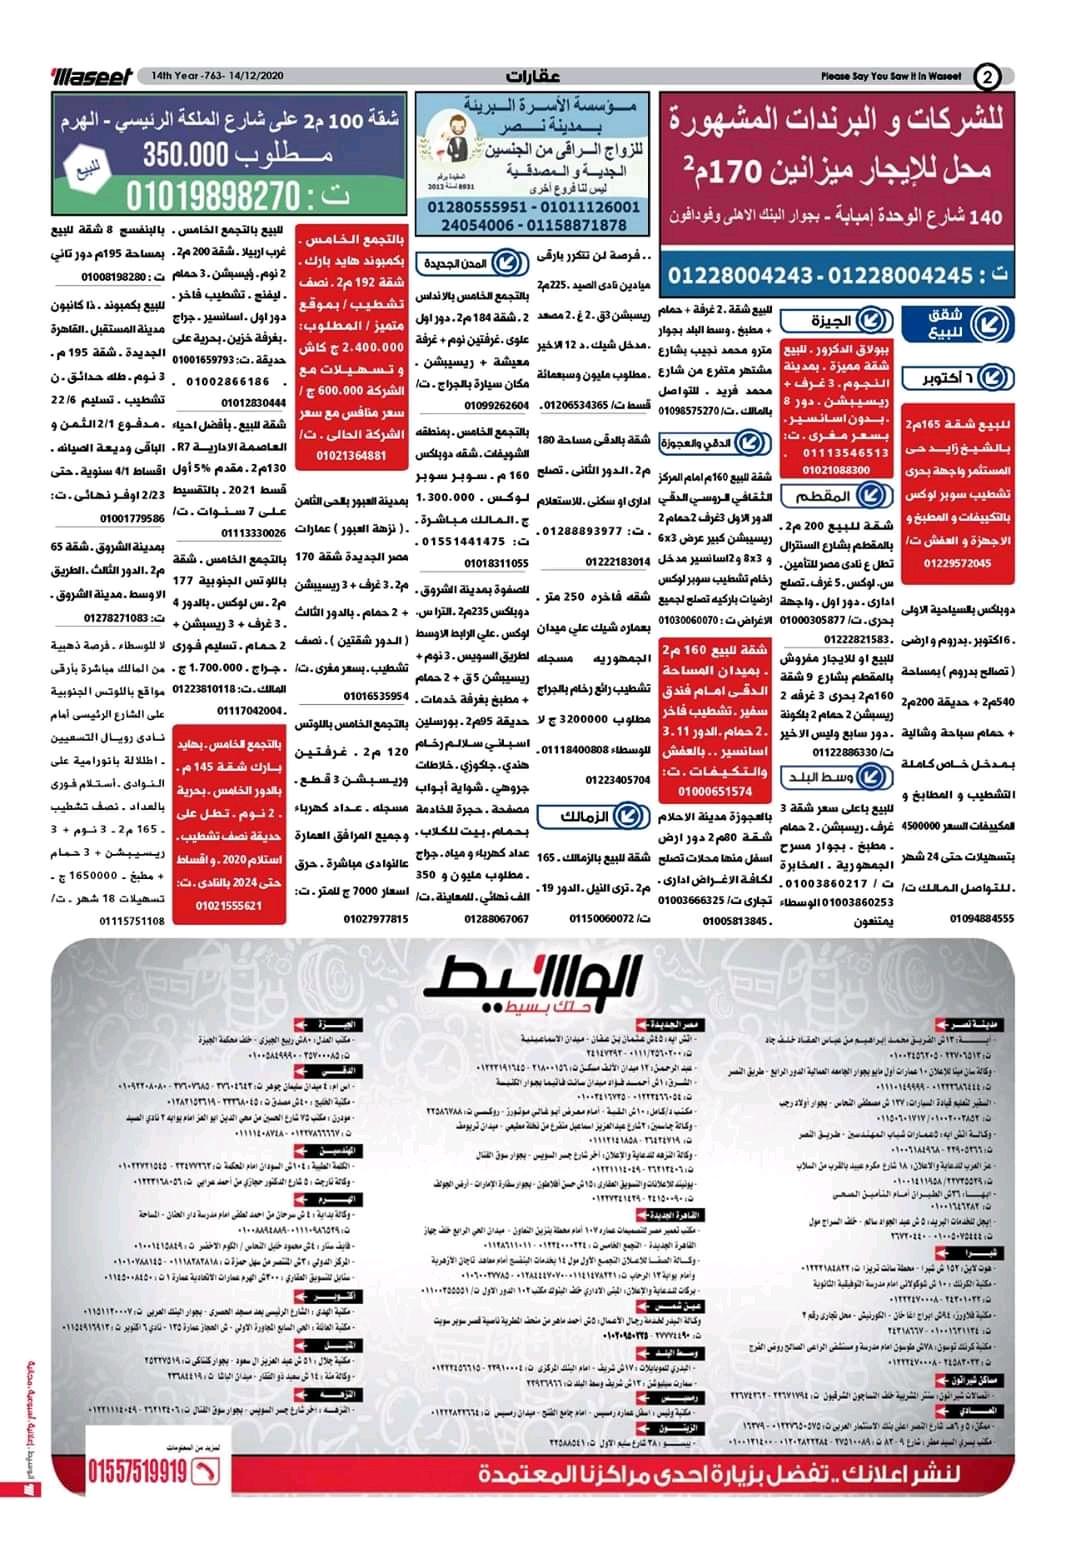 وظائف الوسيط و اعلانات مصر الاثنين 14 ديسمبر 2020